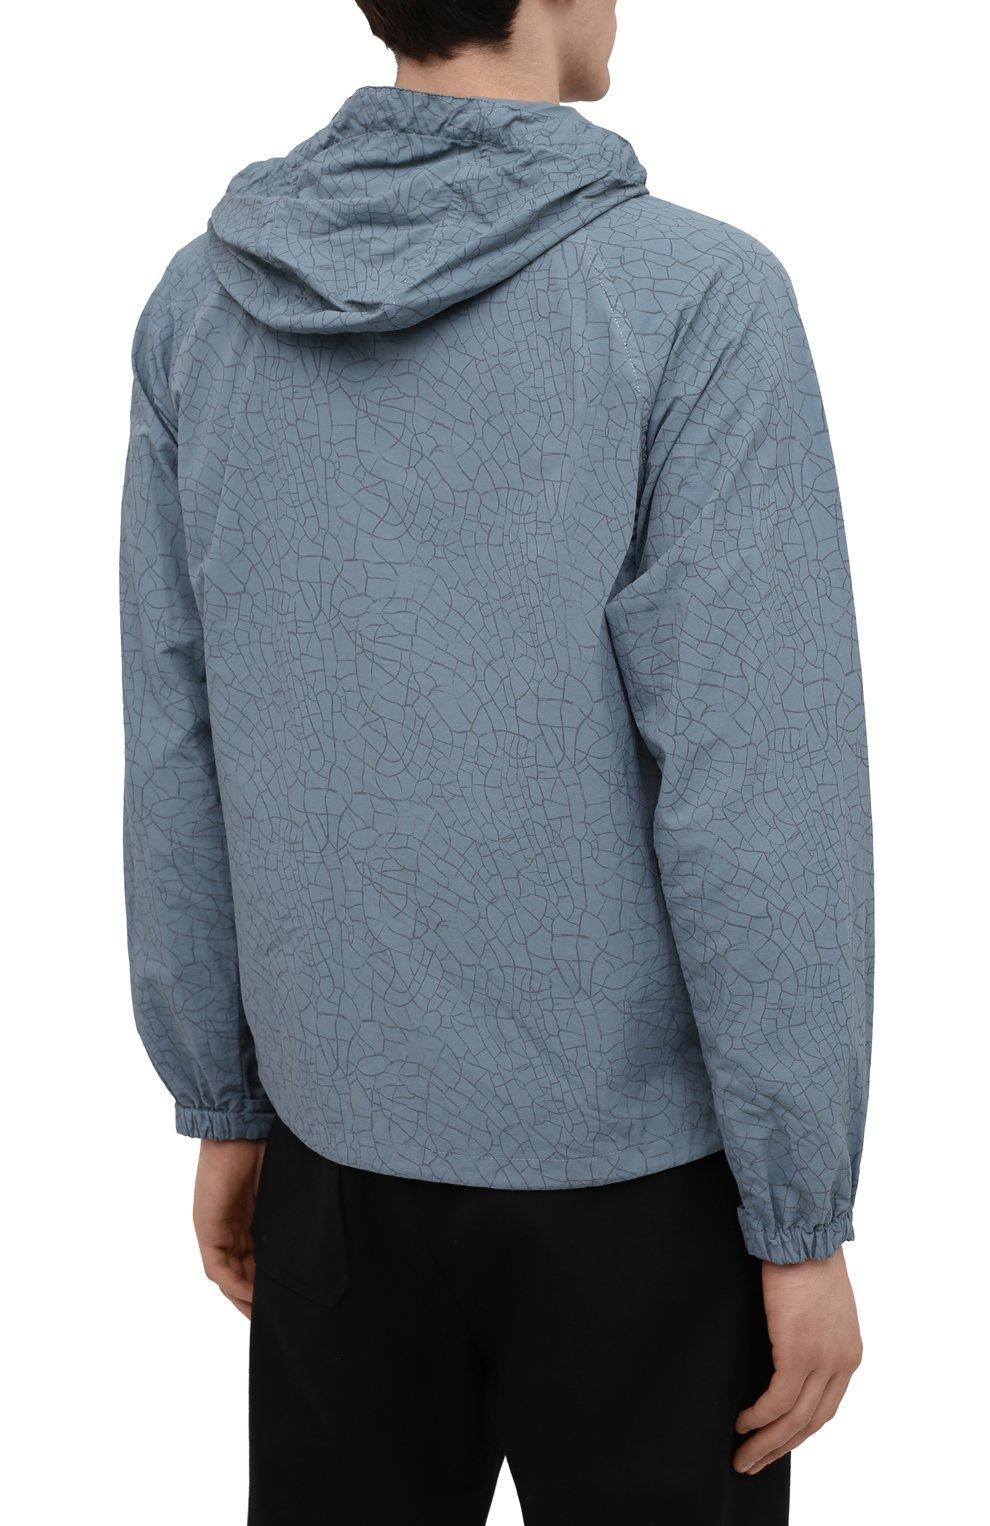 Мужская куртка ASPESI бирюзового цвета, арт. S1 I I116 G402   Фото 4 (Кросс-КТ: Куртка, Ветровка; Рукава: Длинные; Материал внешний: Синтетический материал; Длина (верхняя одежда): Короткие; Стили: Кэжуэл)